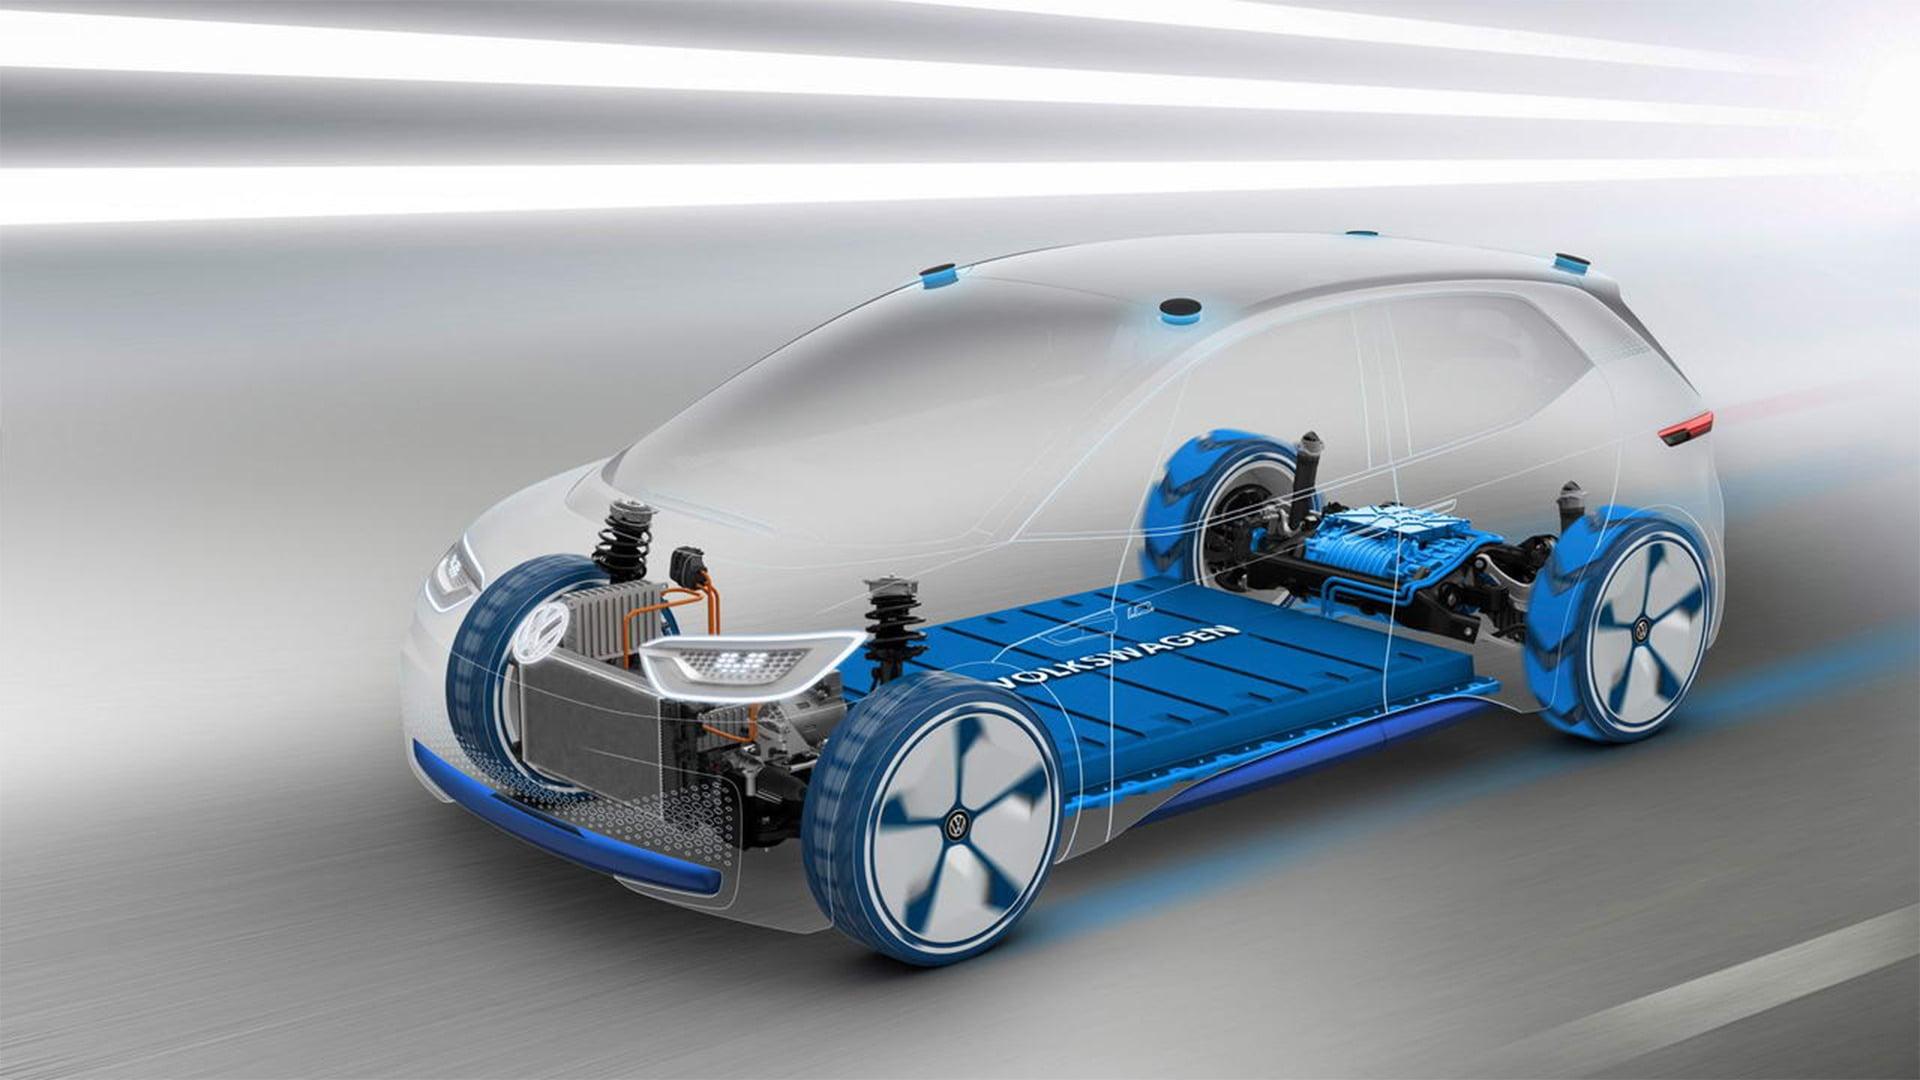 modulnaya platforme meb dlya dostupnyh elektromobilej chast 2 2